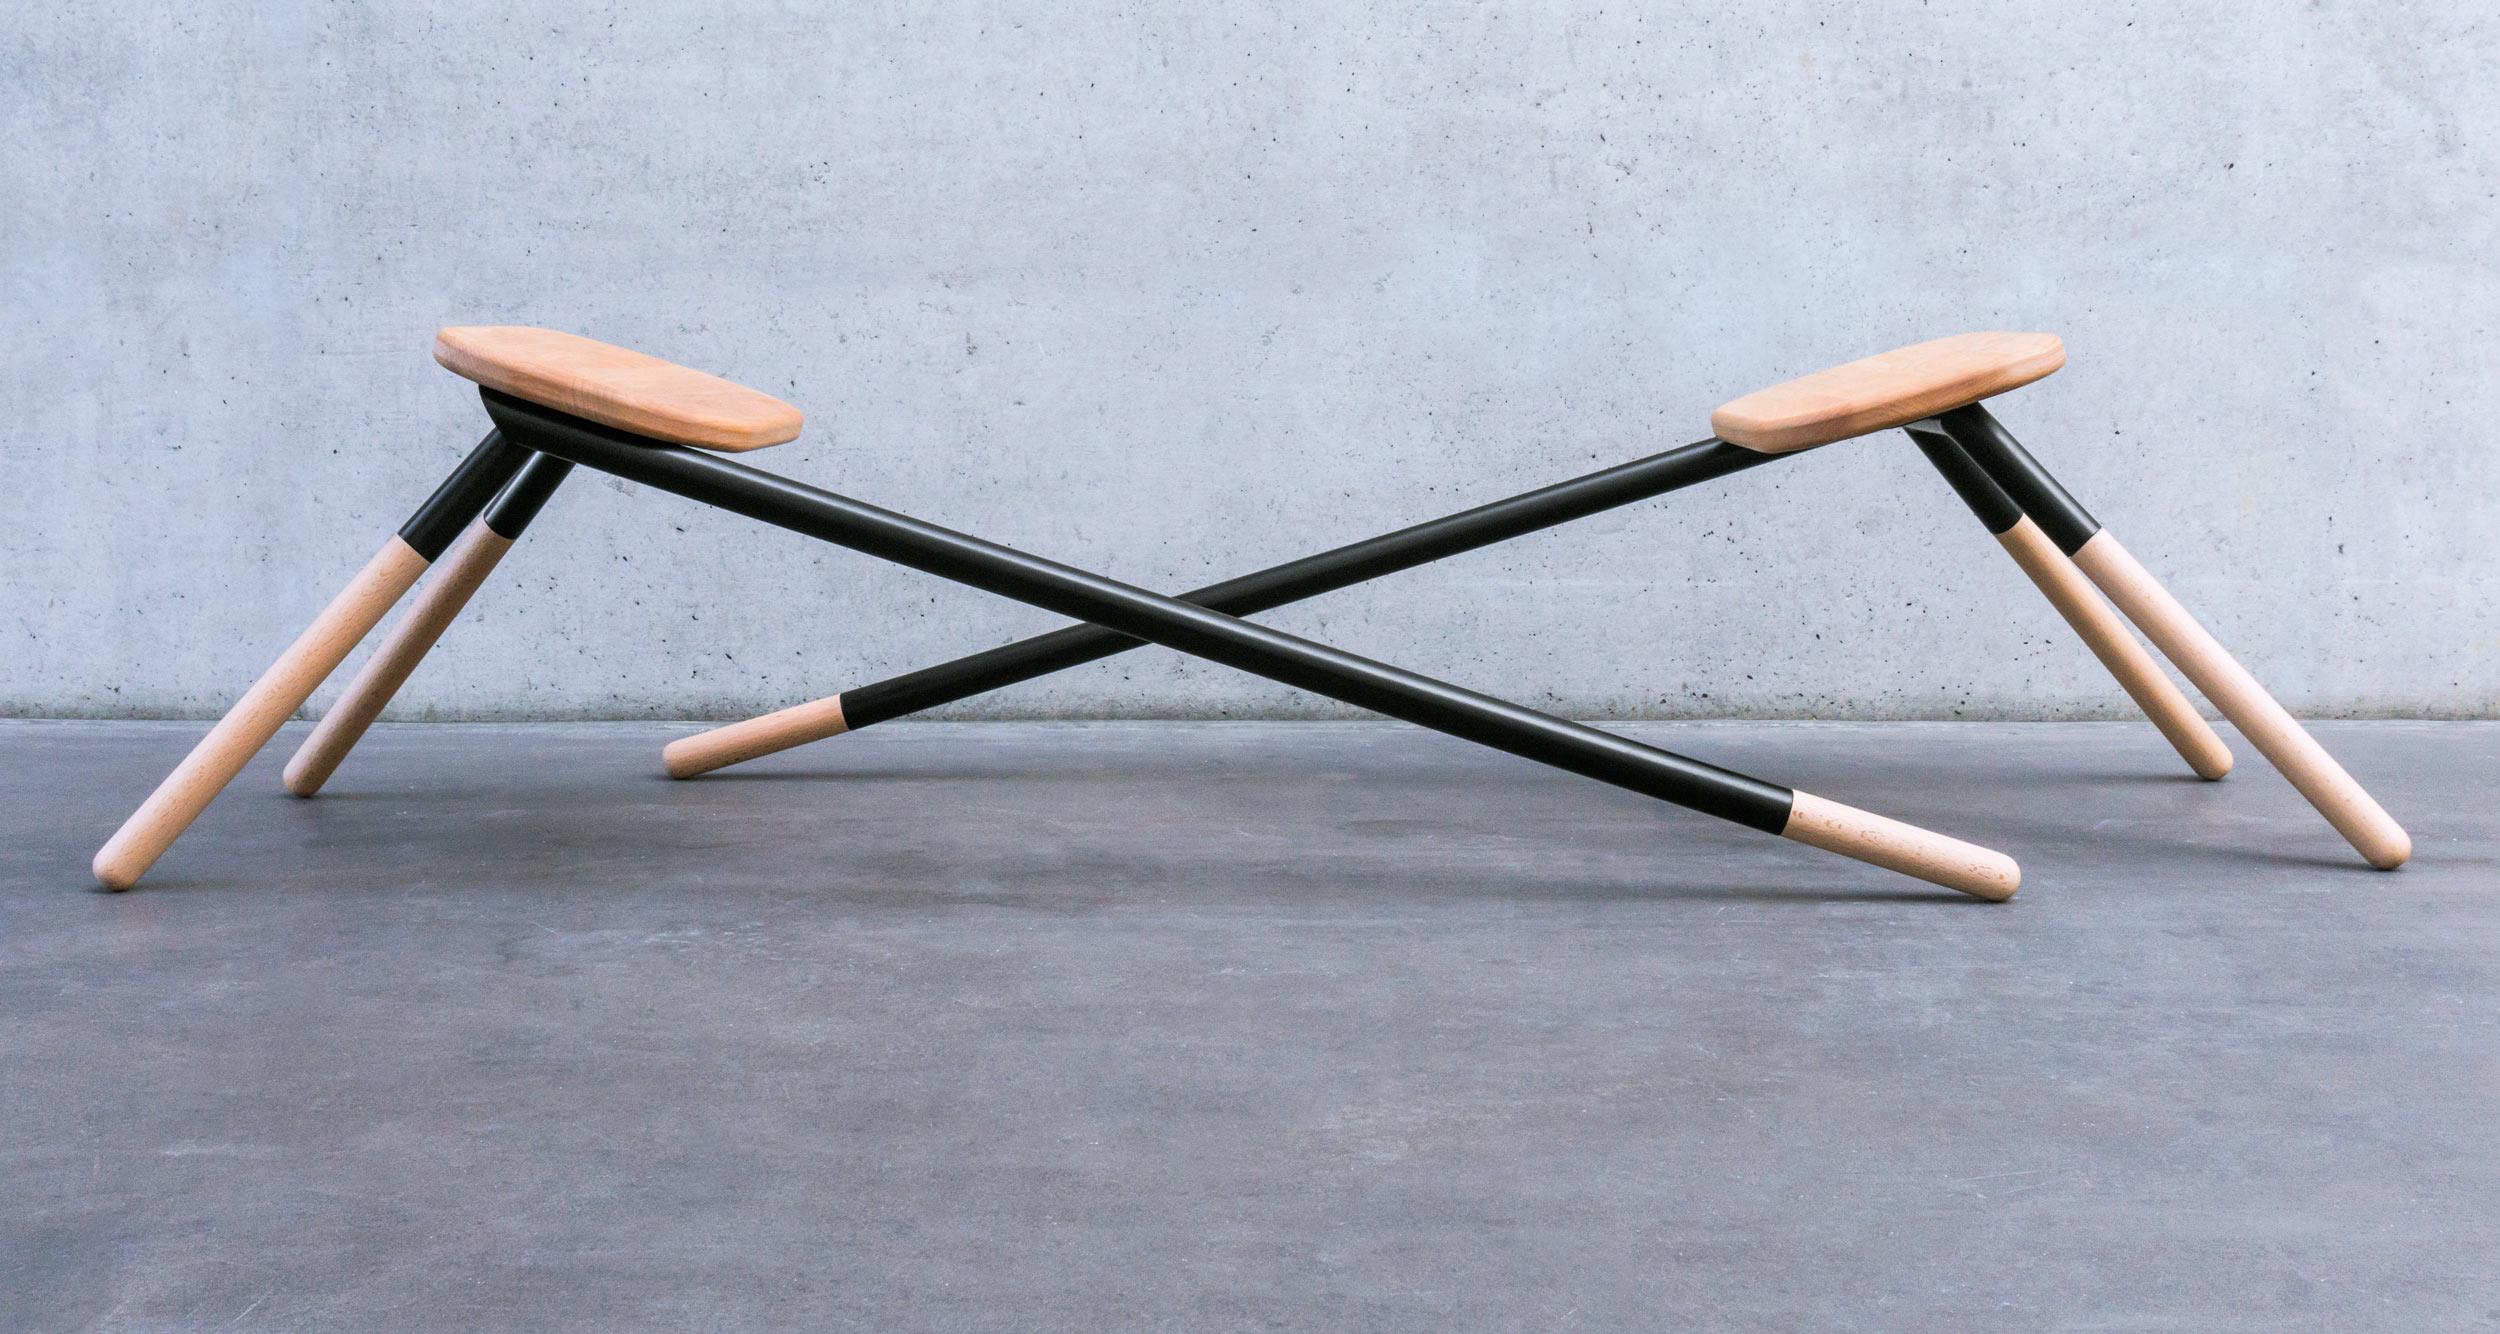 You-Me-&-Modularity-2-Michael-Peel-Design.jpg